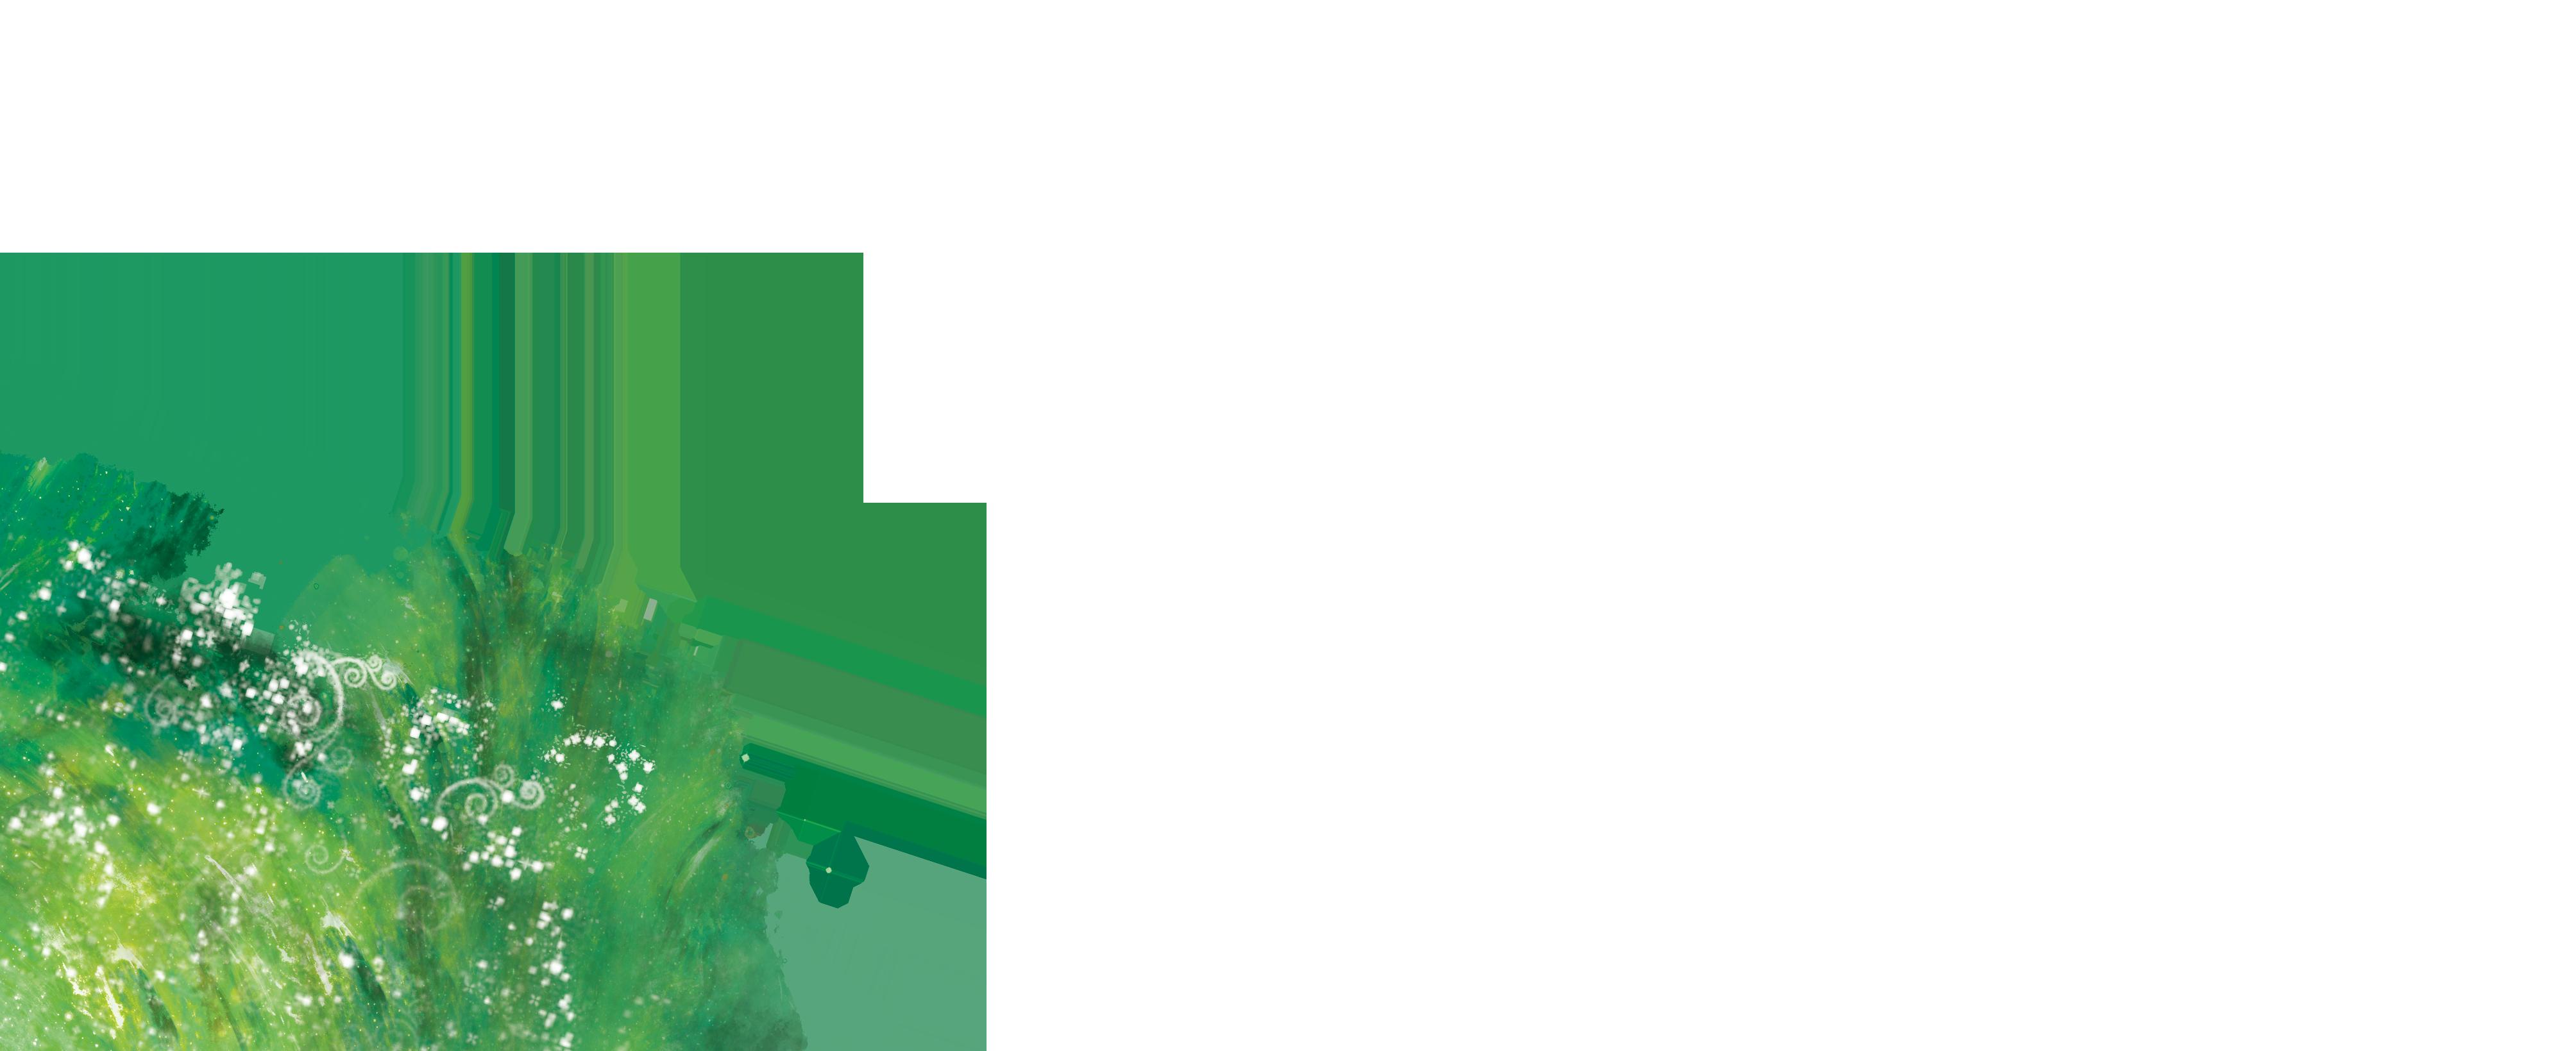 https://www.julabo.com/sites/default/files/revslider/image/visual-lb-test-3.png